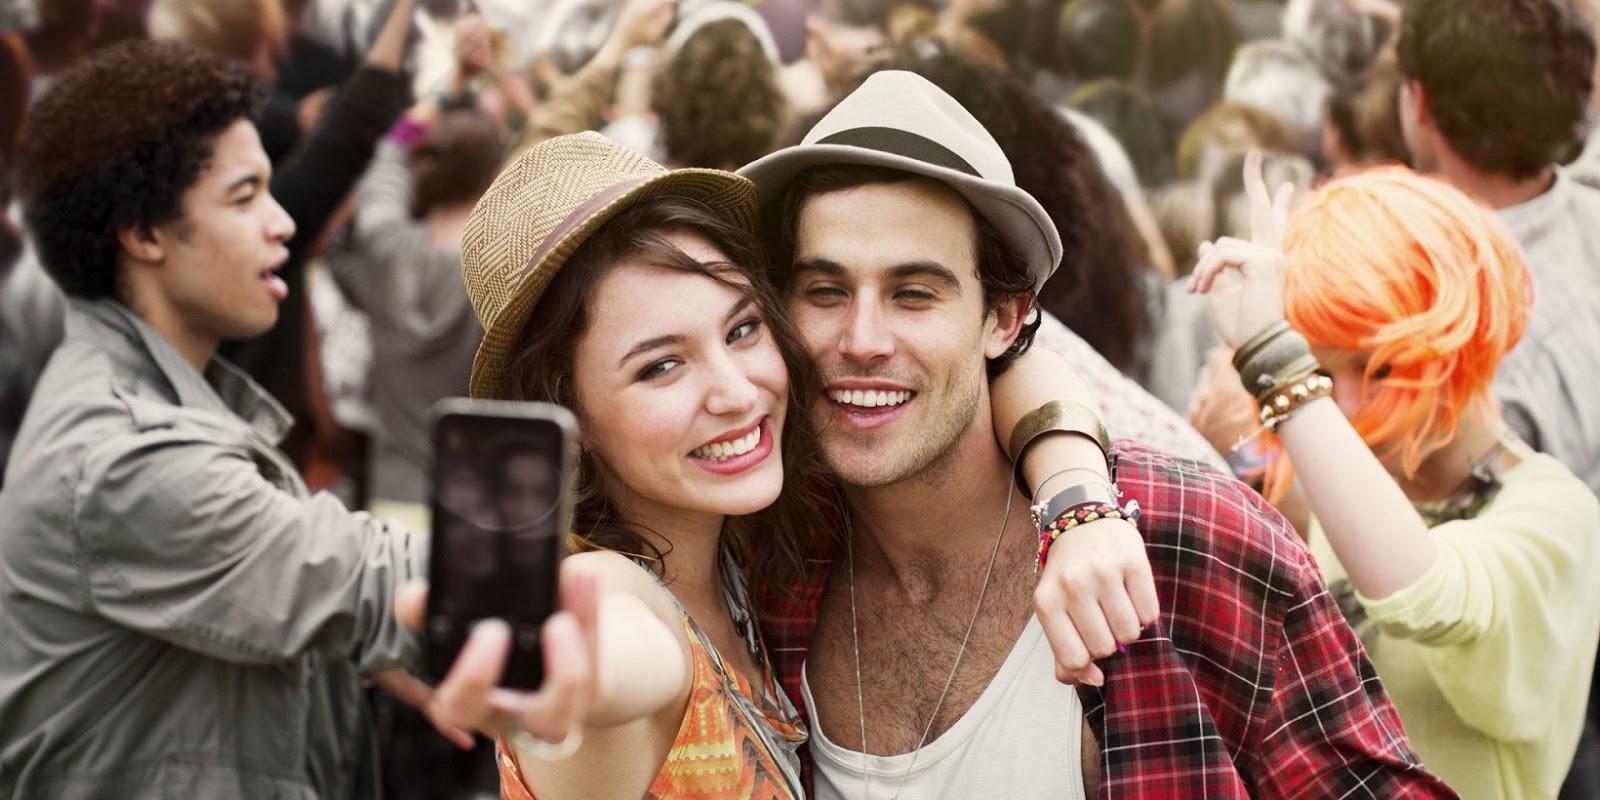 7 Sikap Cowok Ini Bisa Mengindikasikan Dia Suka Kamu Atau Malah Mainin Kamu